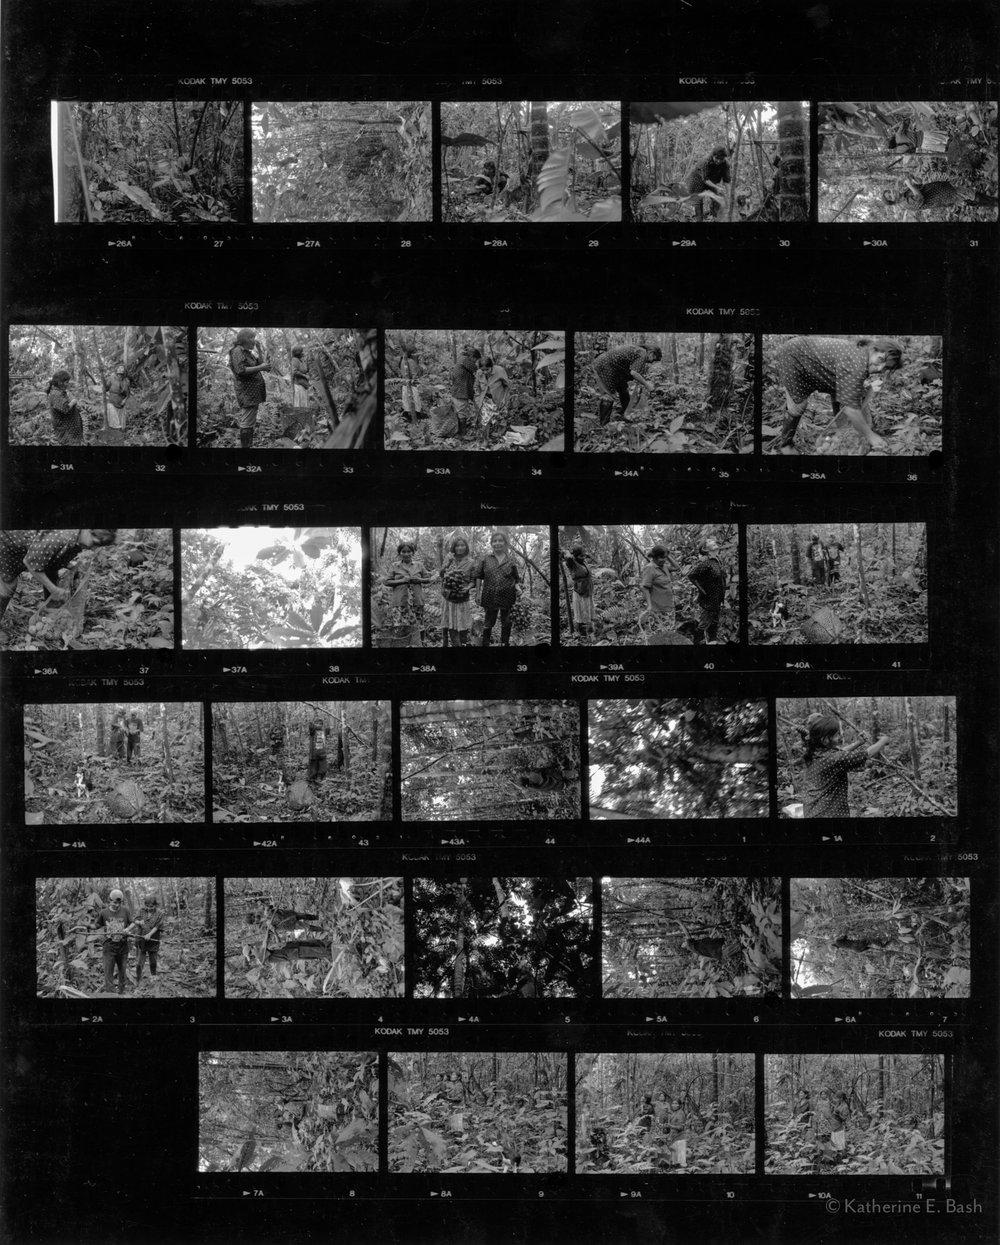 [13]-Contact-Sheet-1998-Ecuador-Contact-Sheet-Katherine-e-Bash014.jpg